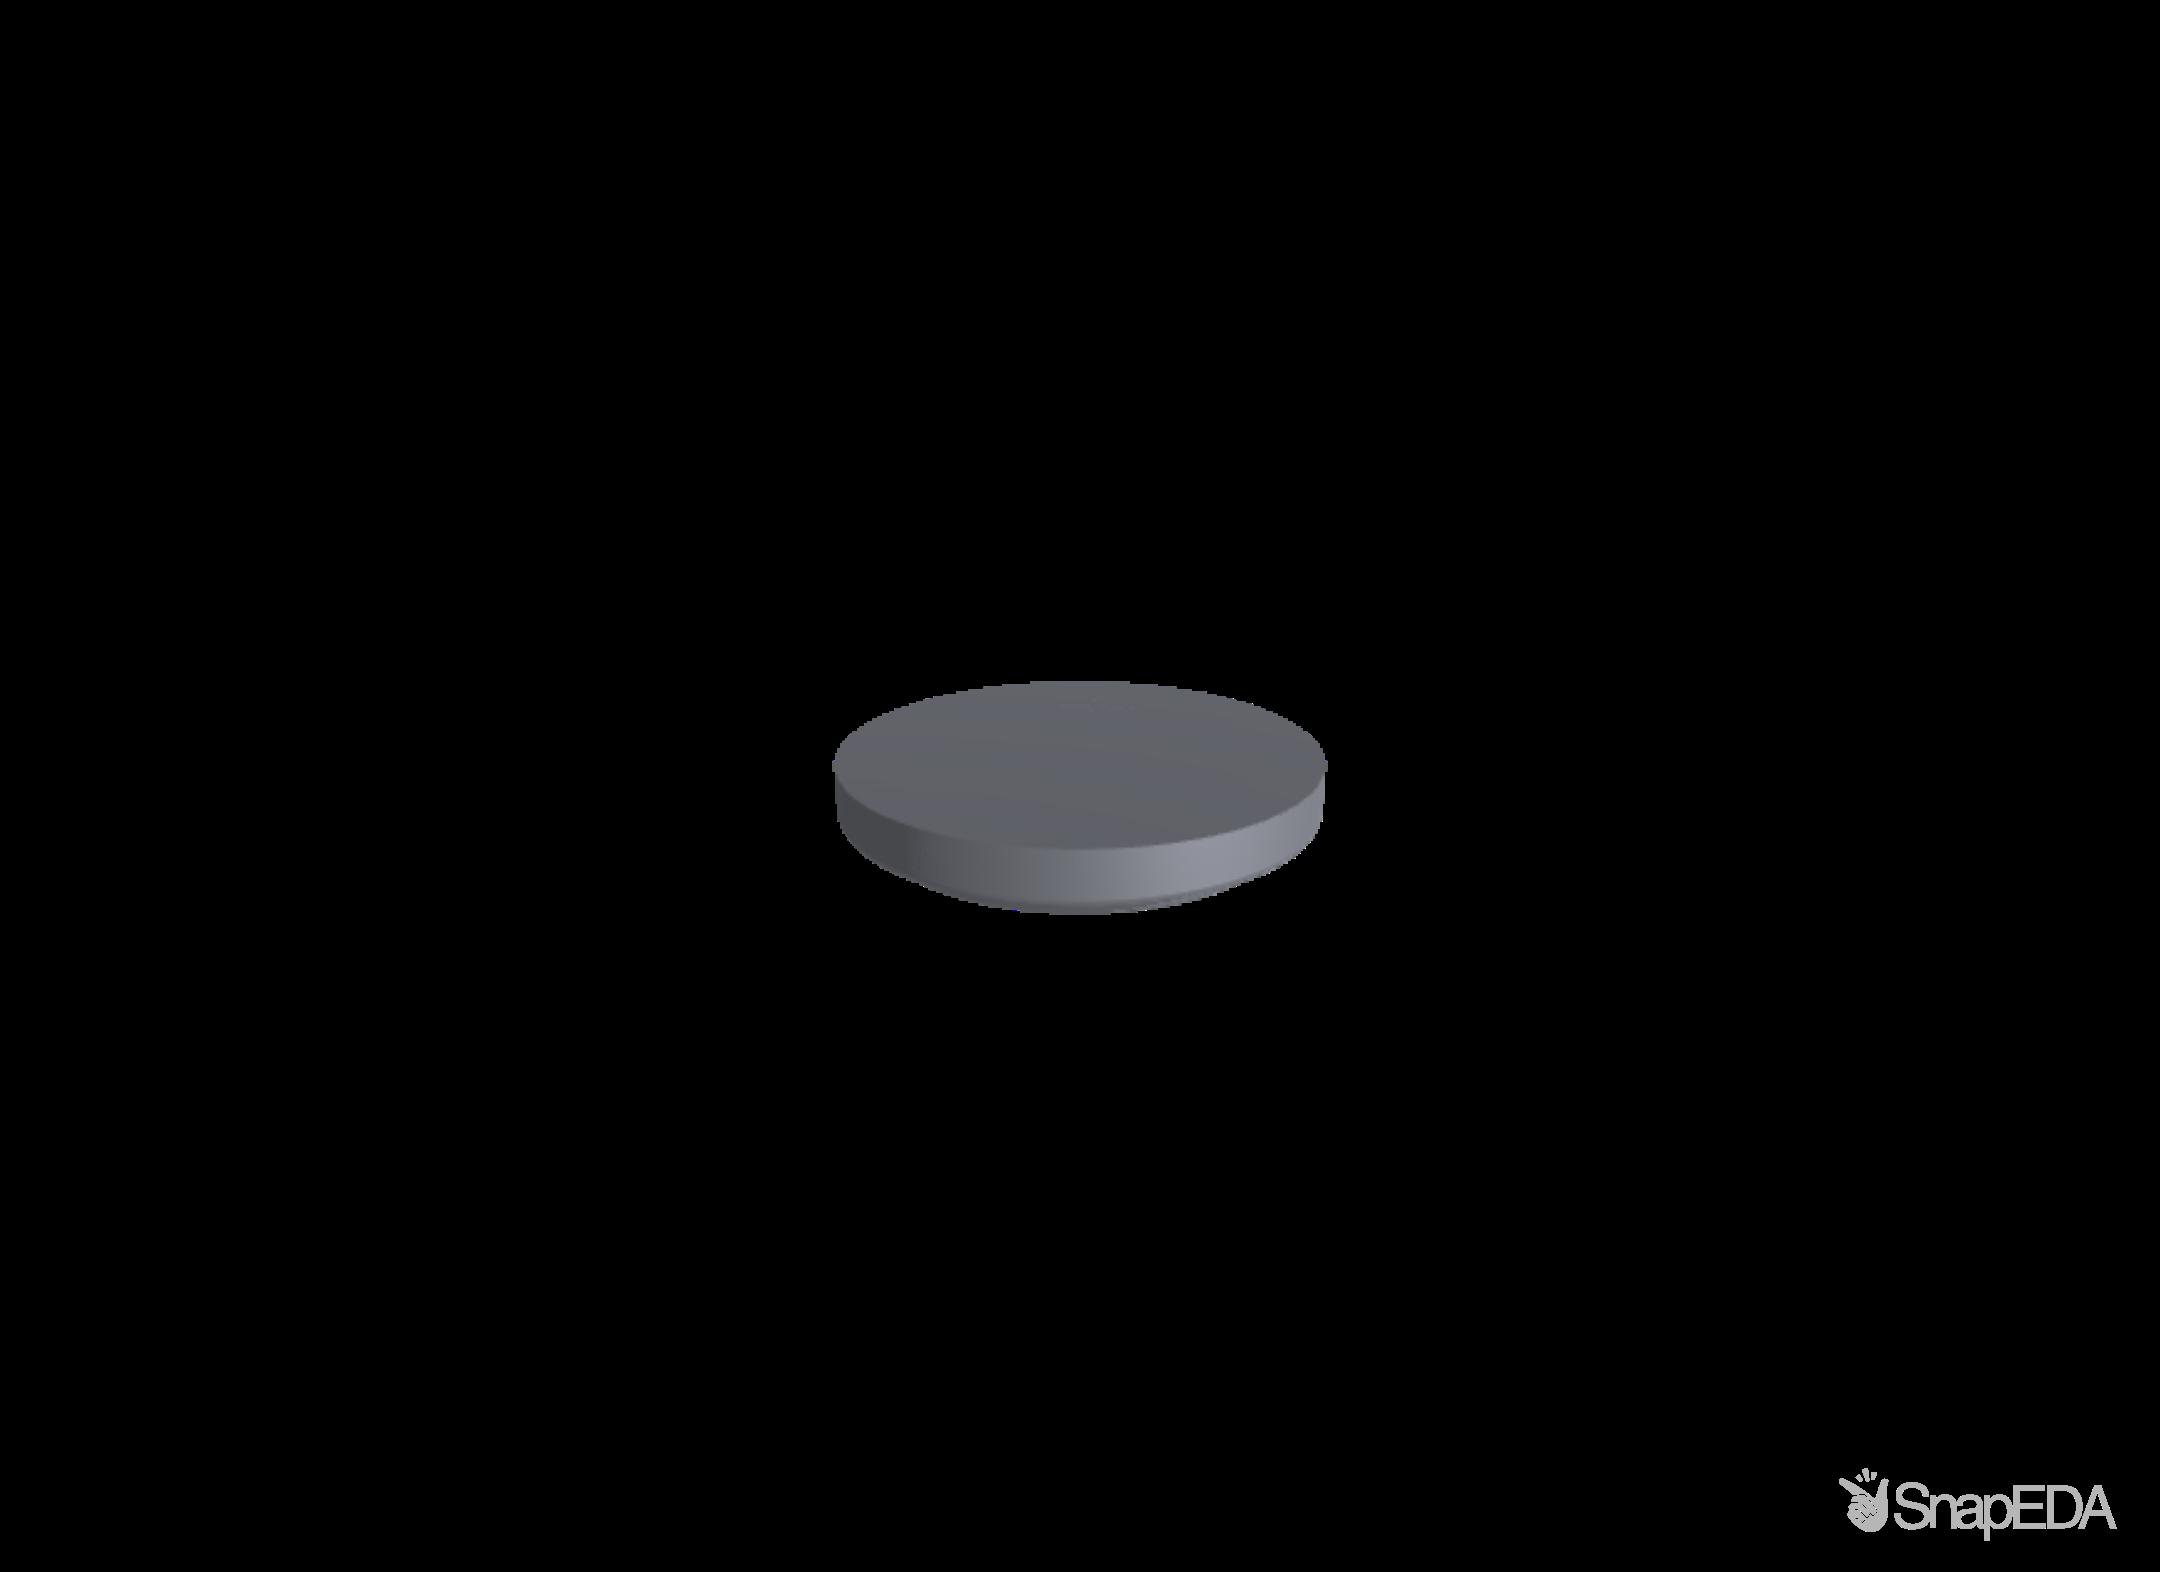 CR2032 3D Model